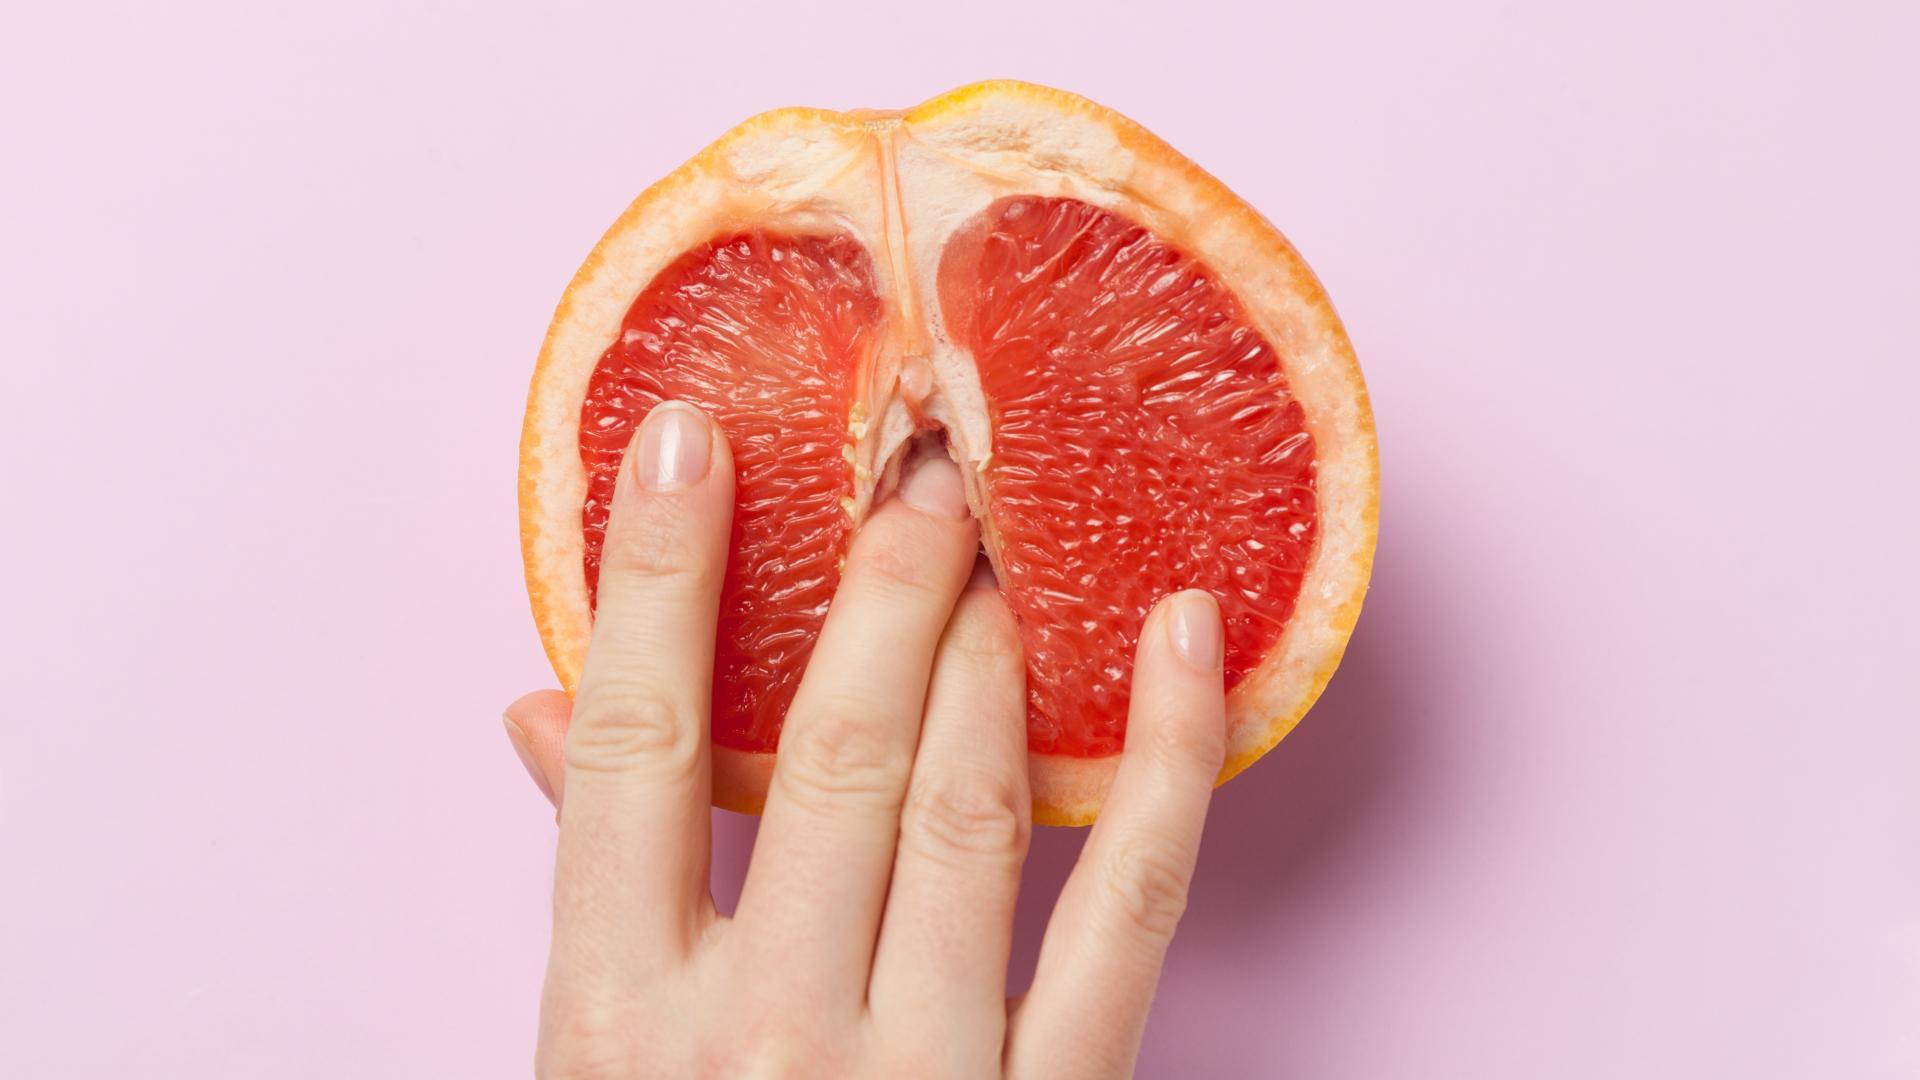 Frau Vagina Fruit